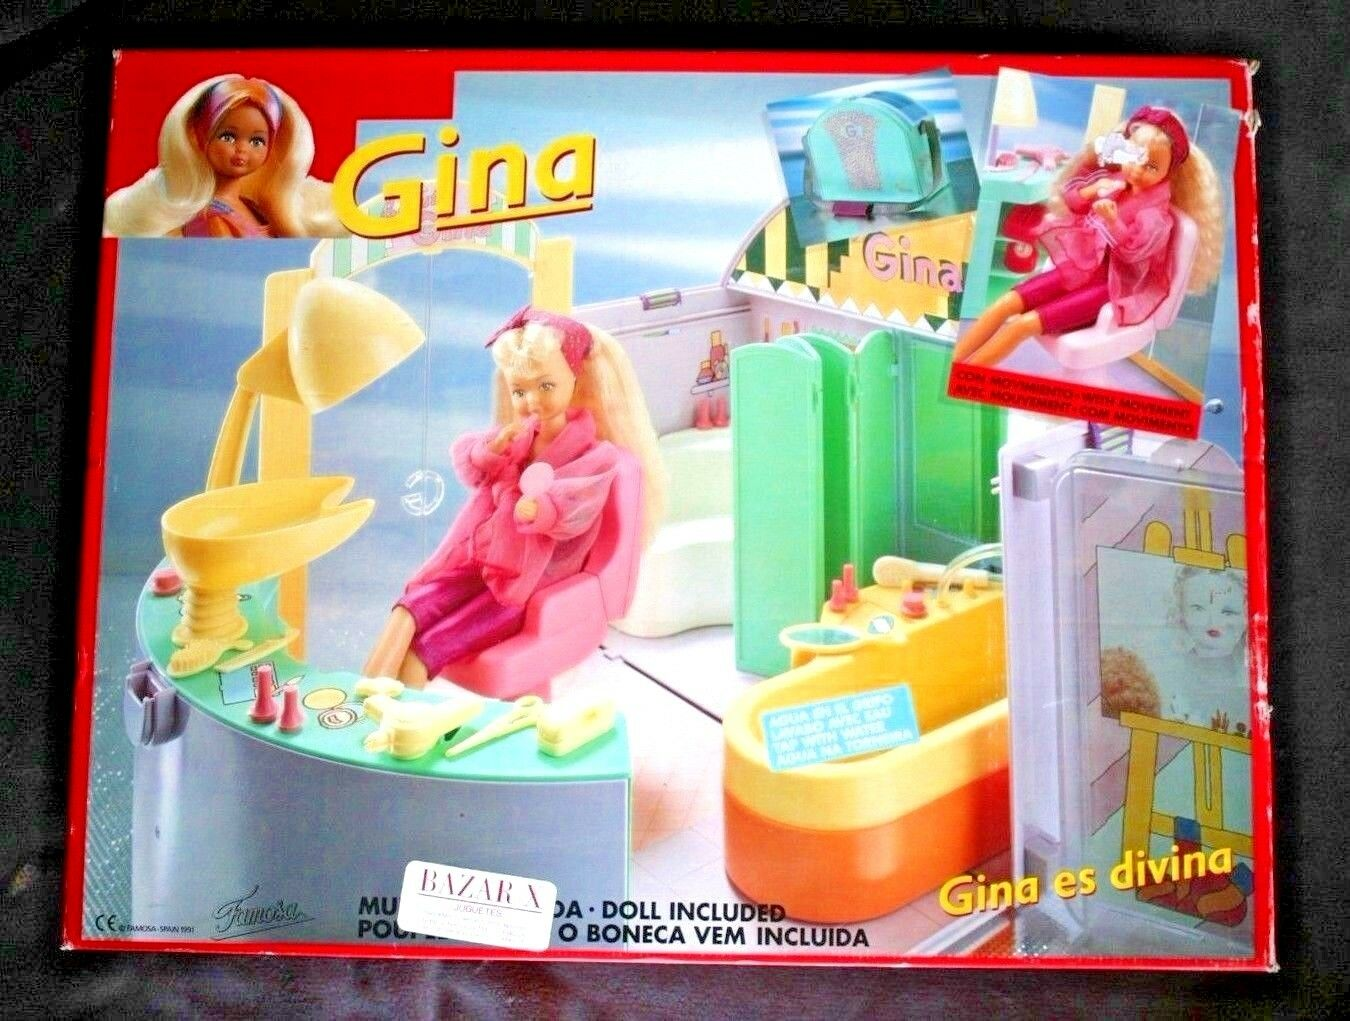 MUÑECA GINA (FAMOSA 1991, DOLL)  CUARTO ASEO (BATHROOM VANITY), Agua, Luz  NEW